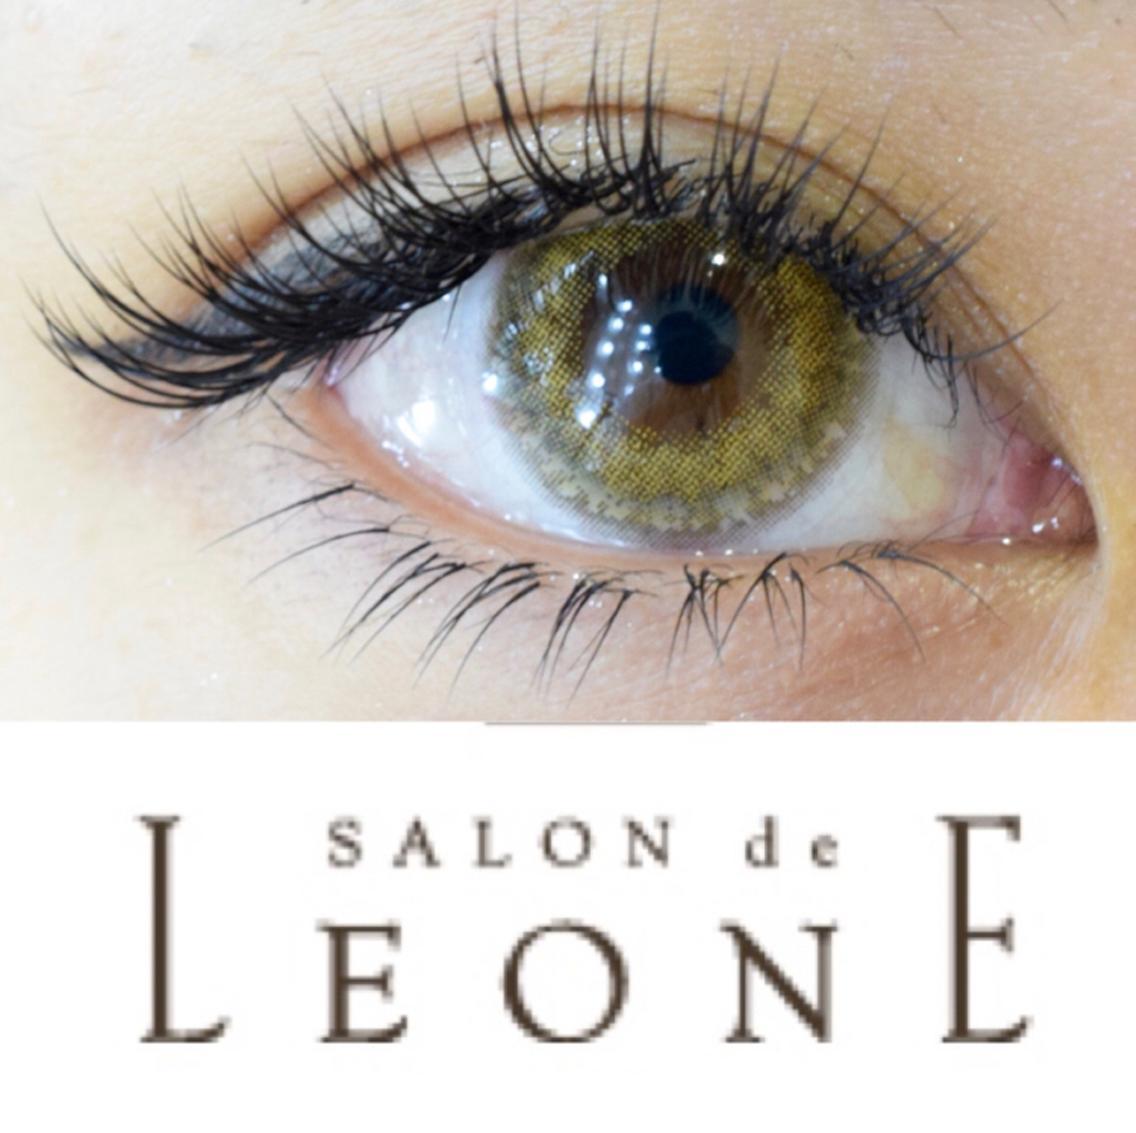 Salon de Leone所属・Salon deLeoneの掲載